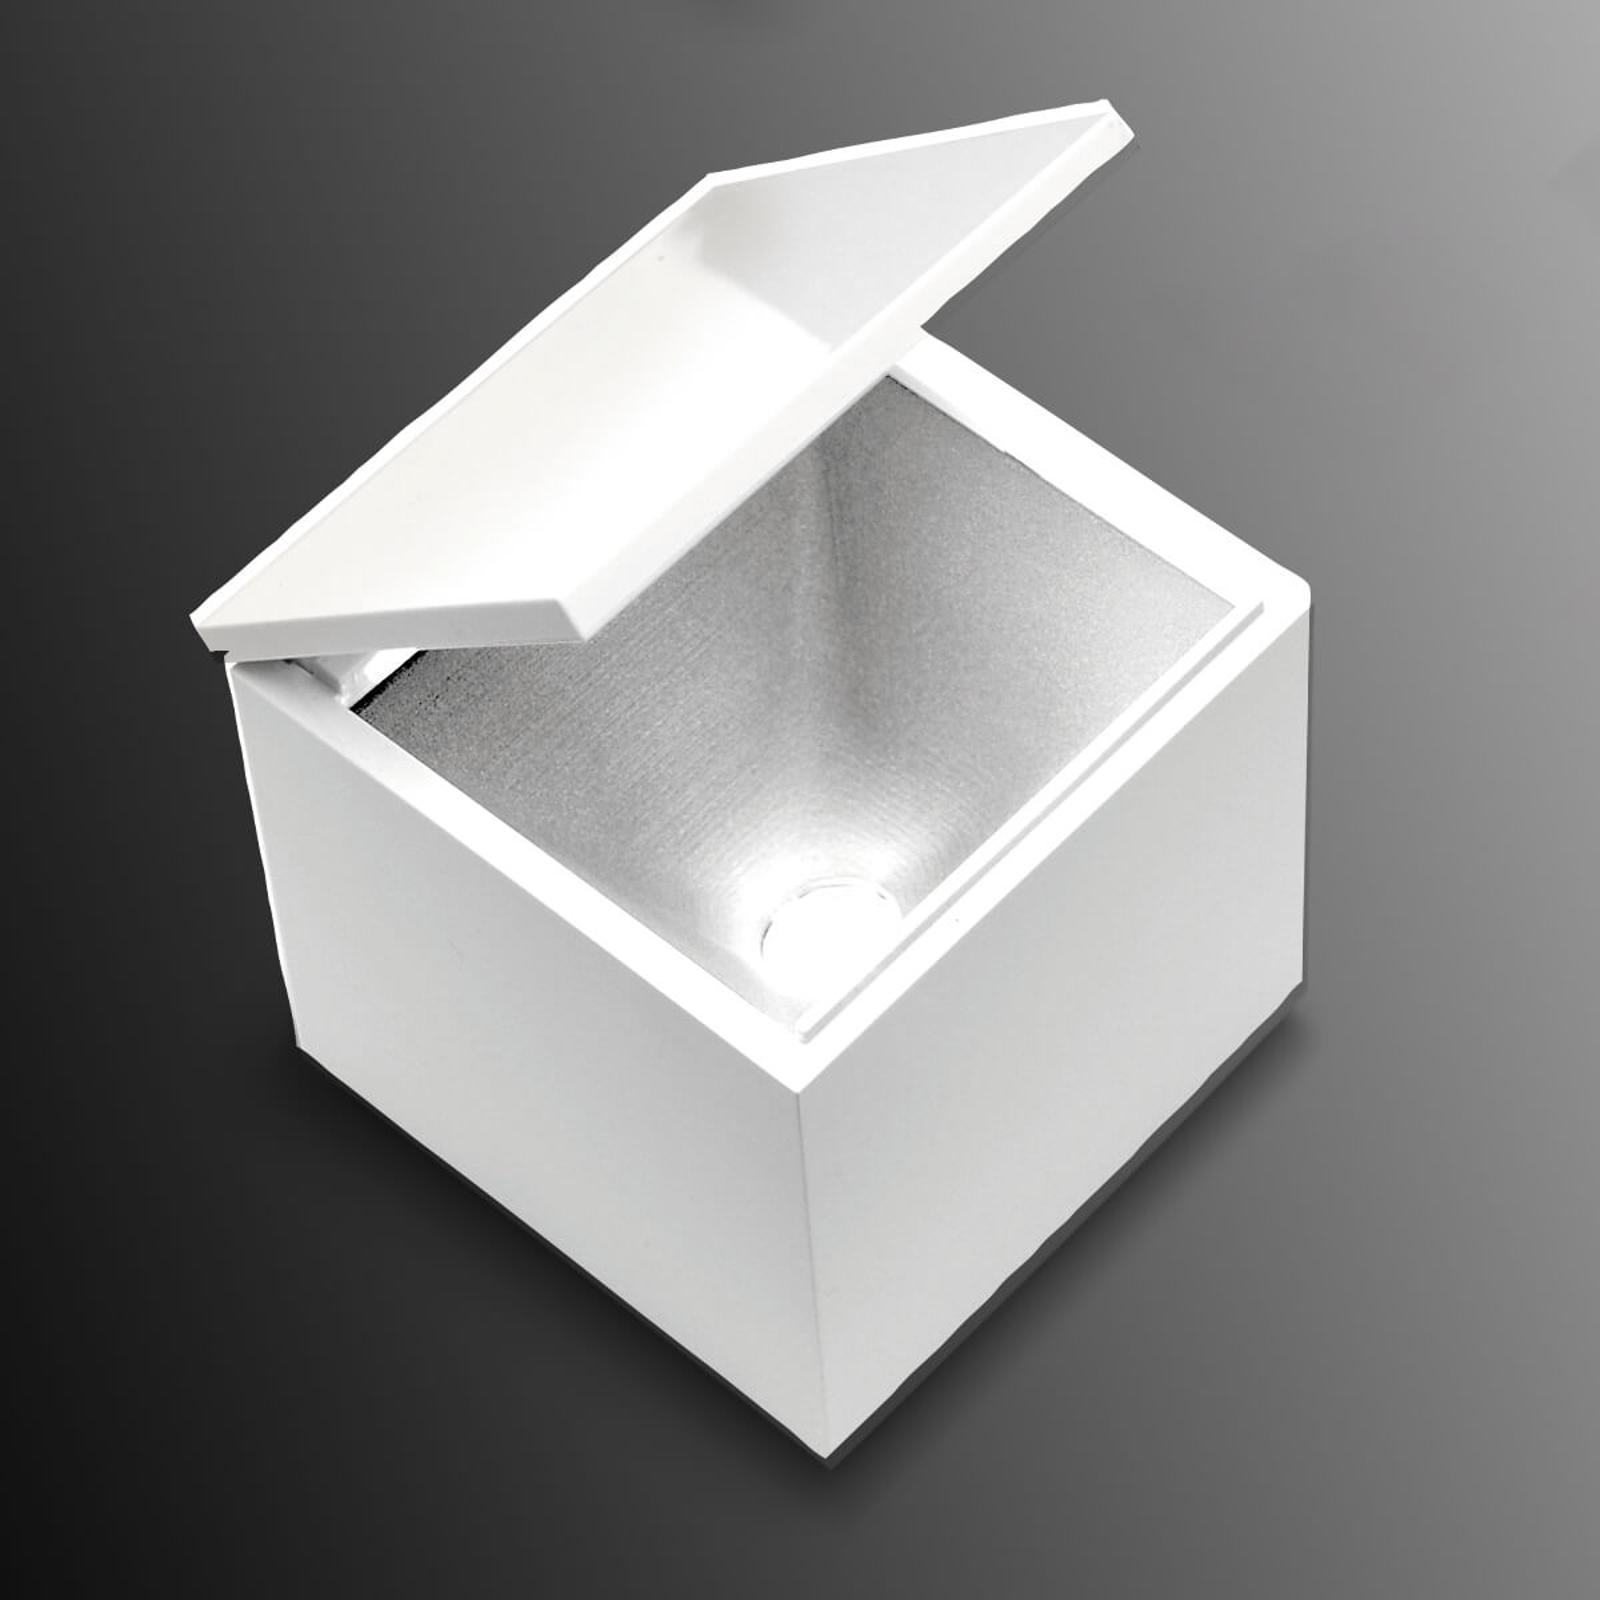 Lampe à poser LED Cuboled blanc, cubique